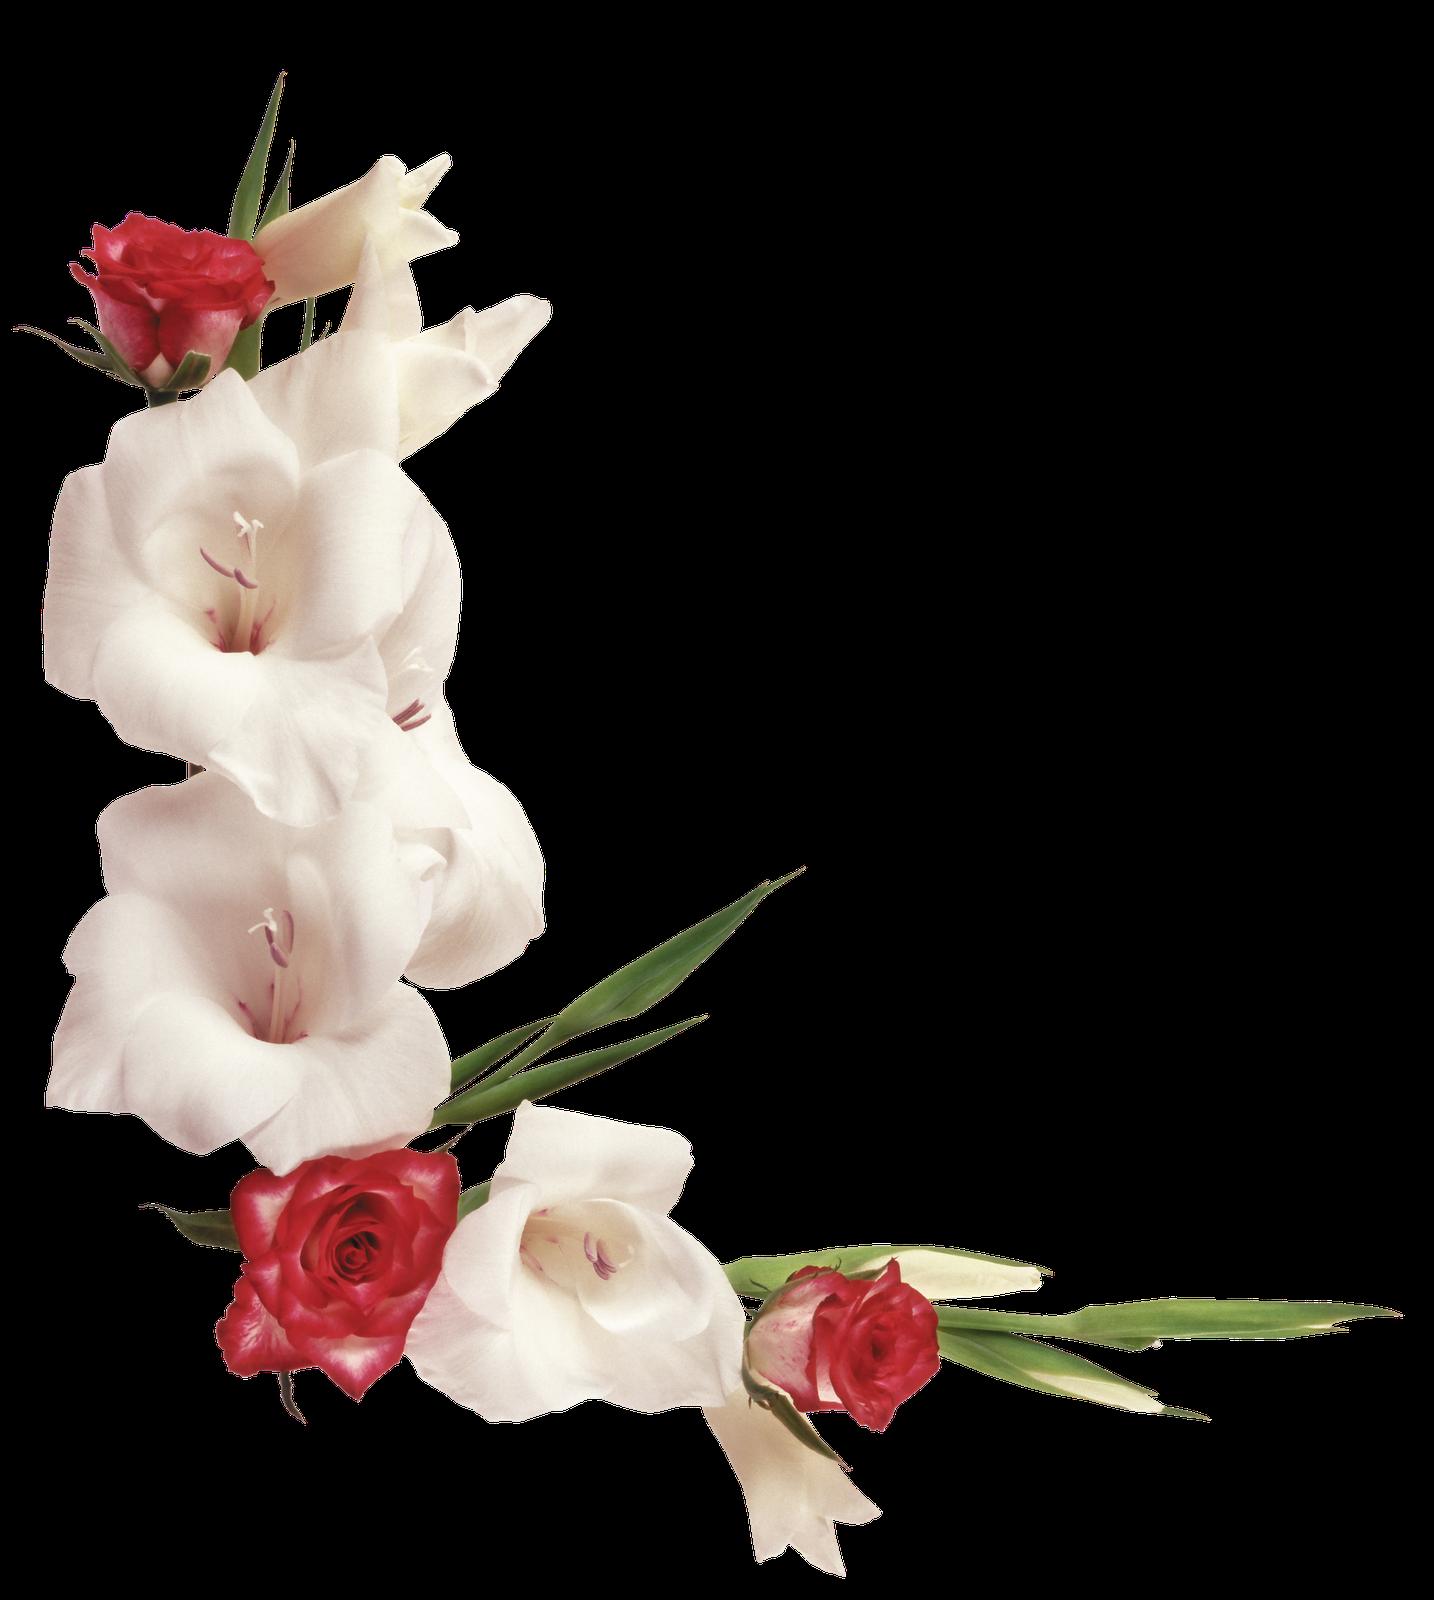 Marcos Con Flores Para Decorar Fotos - 54 Manualidades para el Día de la Madre (Con instrucciones)